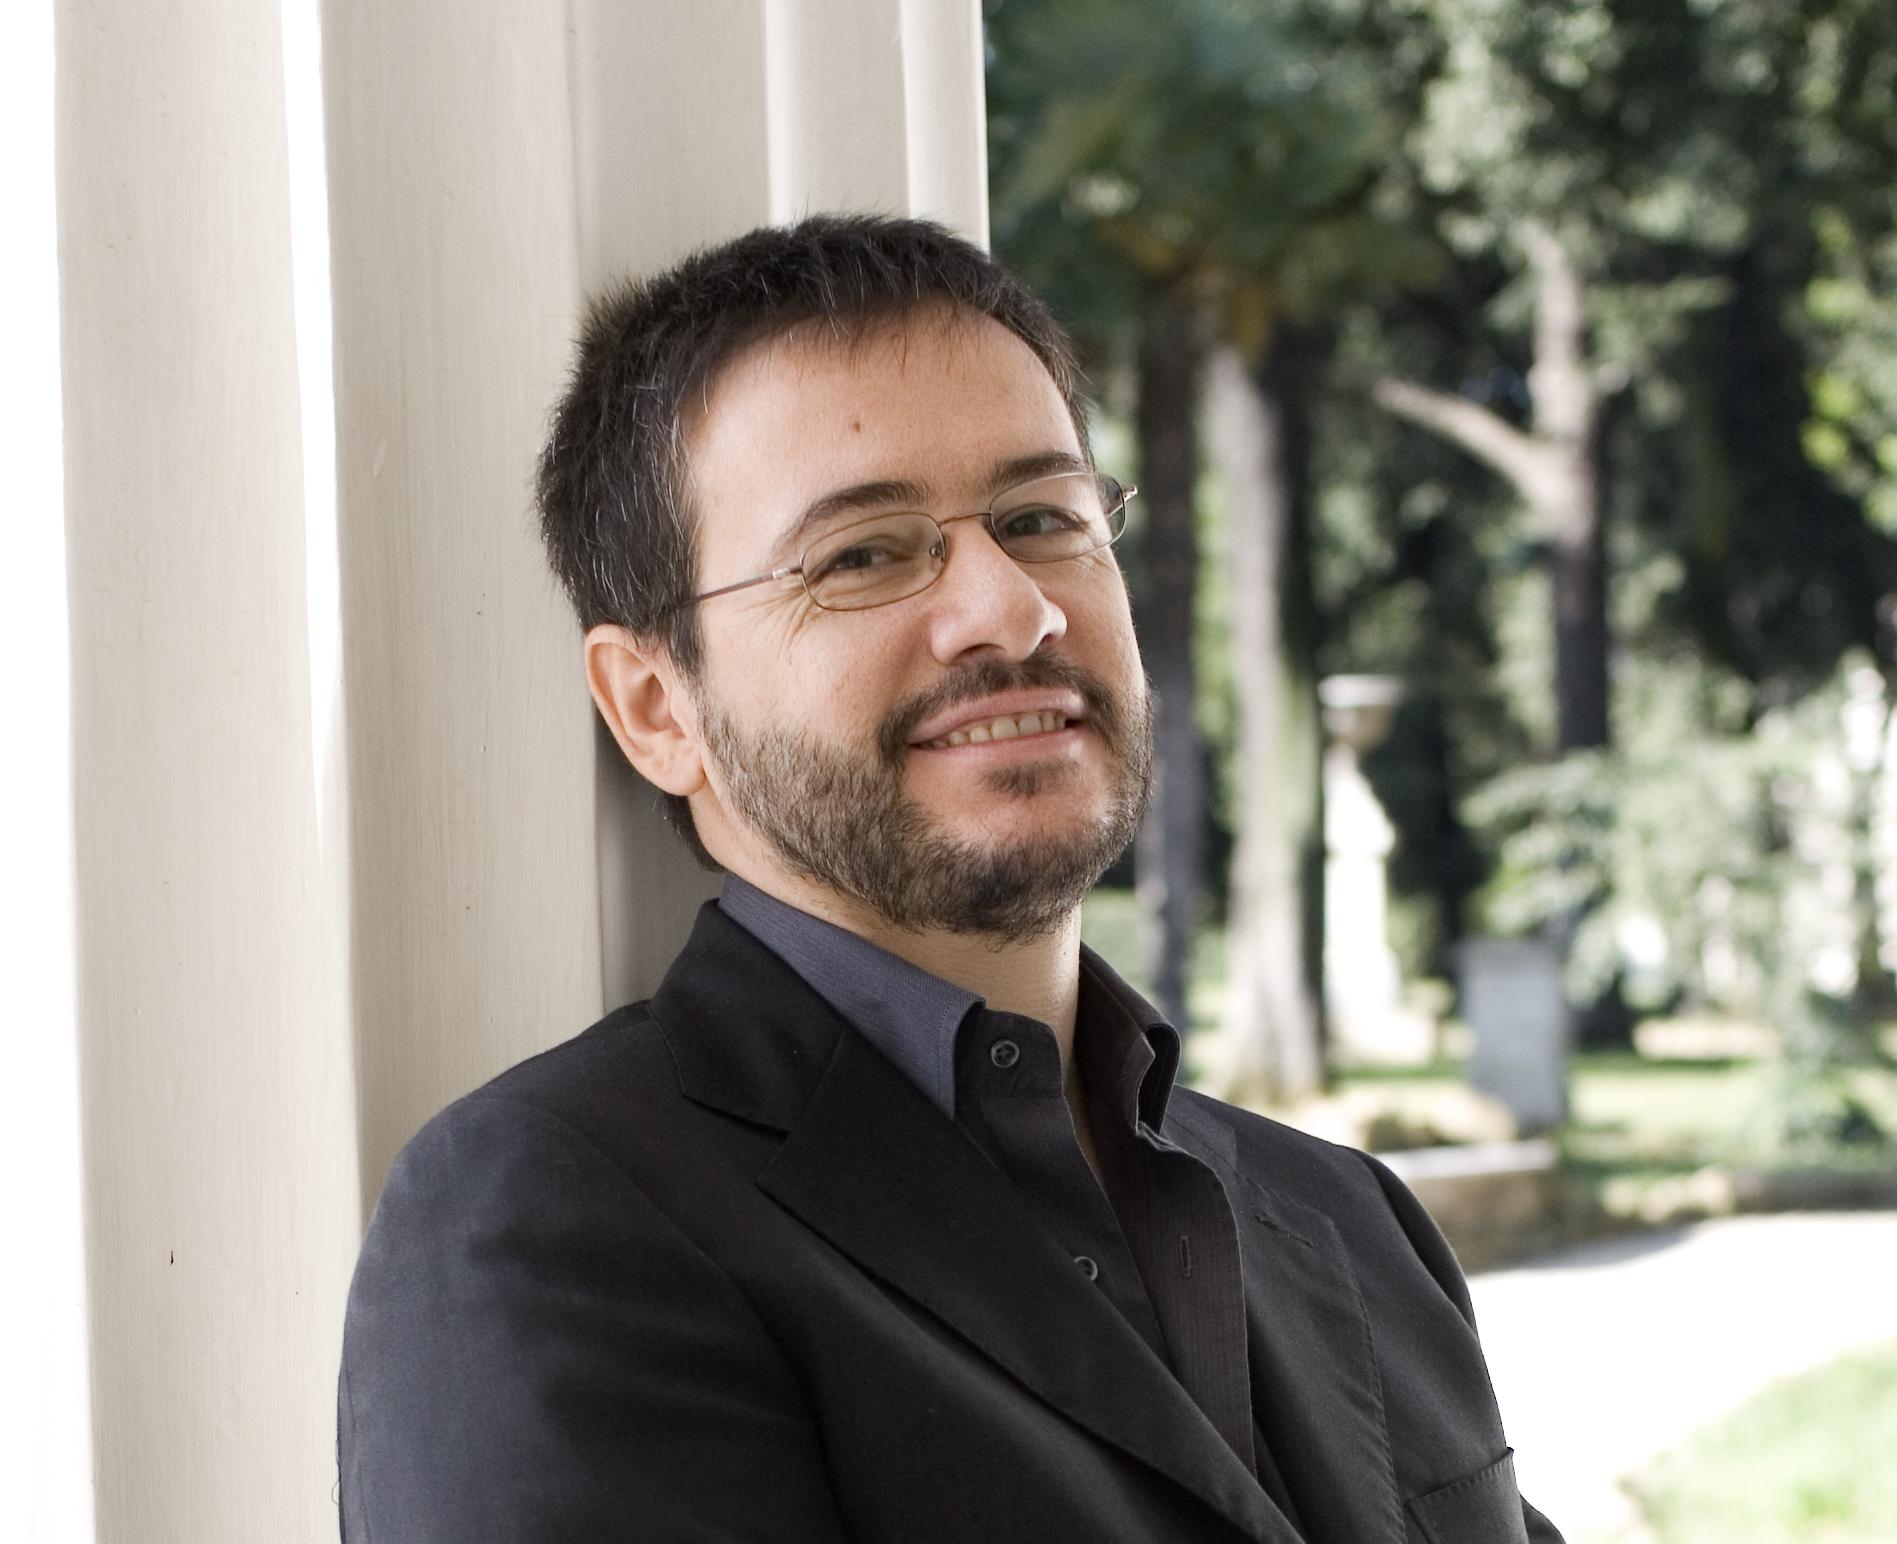 Enrico Maria Polimanti